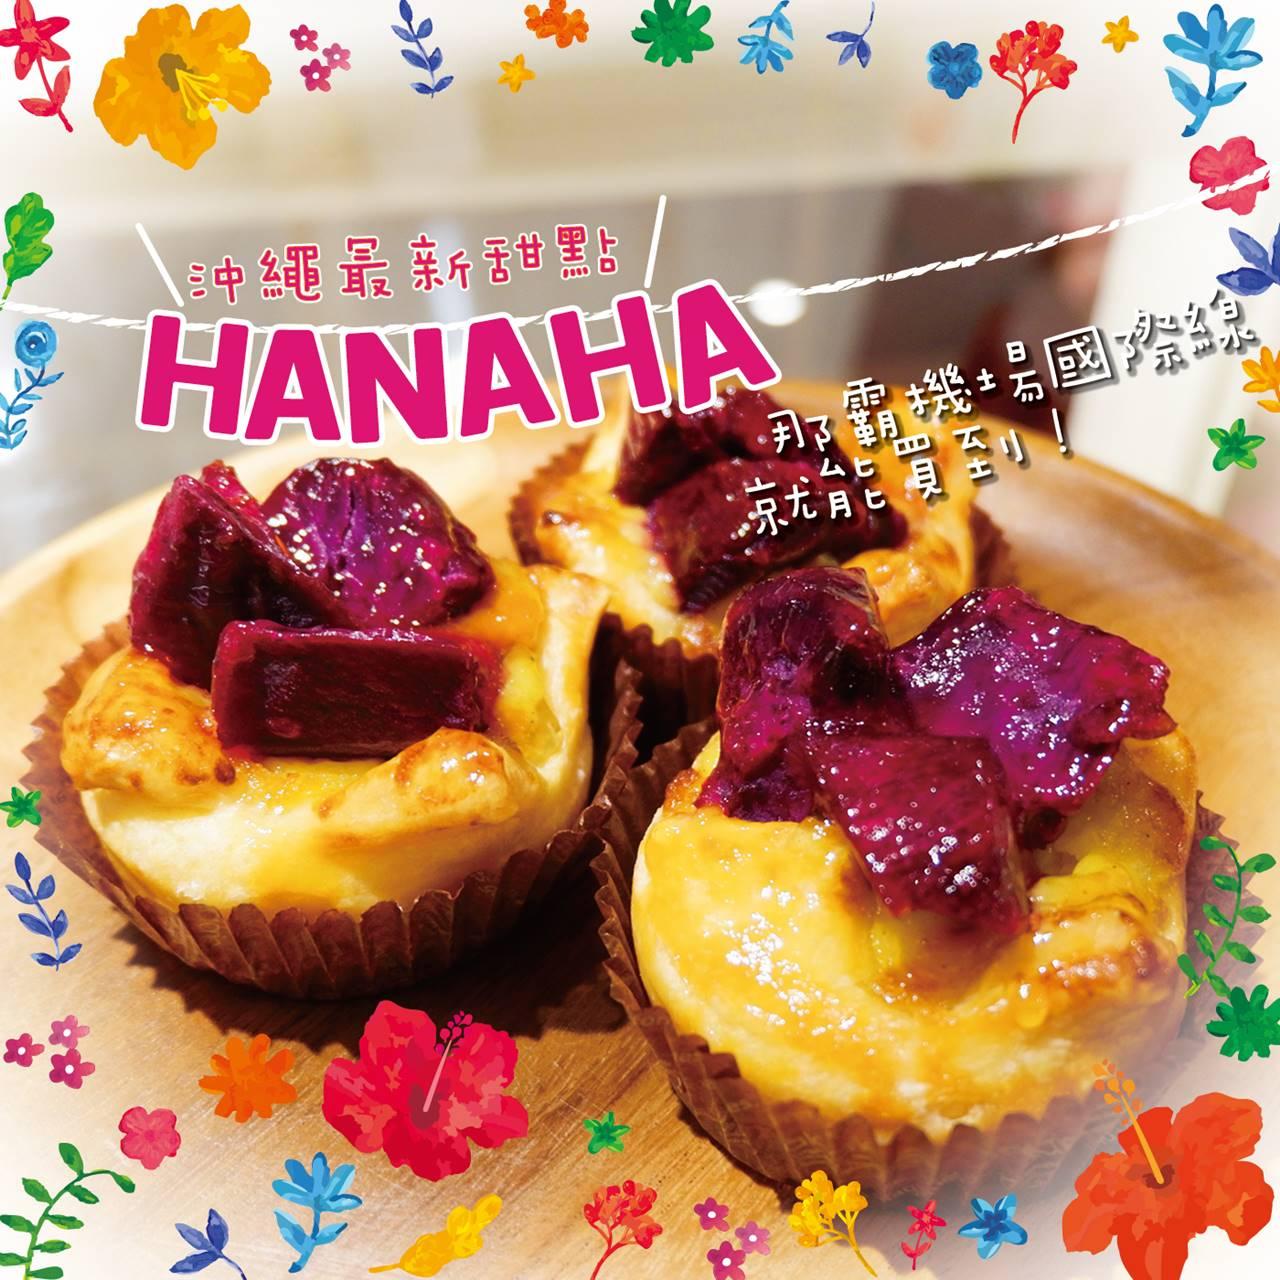 沖繩最新甜點「HANAHA」登場!新落成的那霸機場國際線,就能買到!